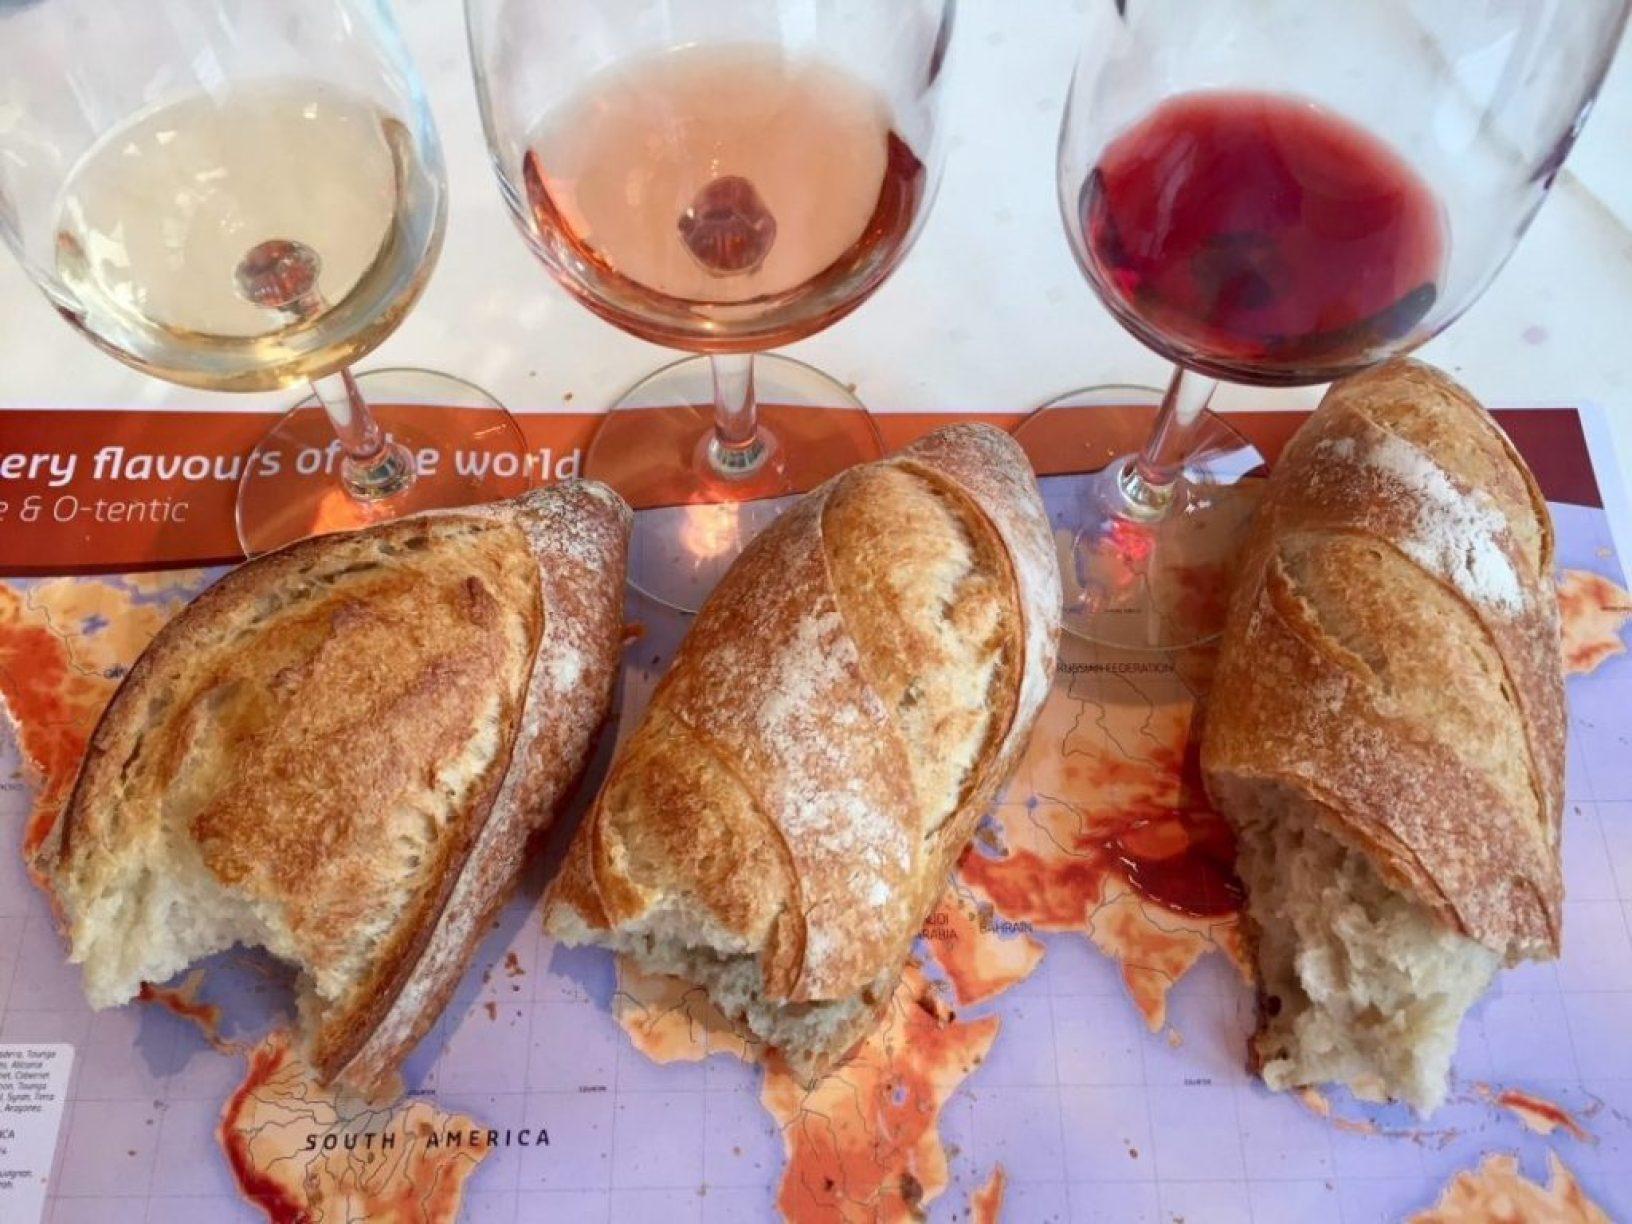 Brot und Wein lassen hunderte Aromen frei